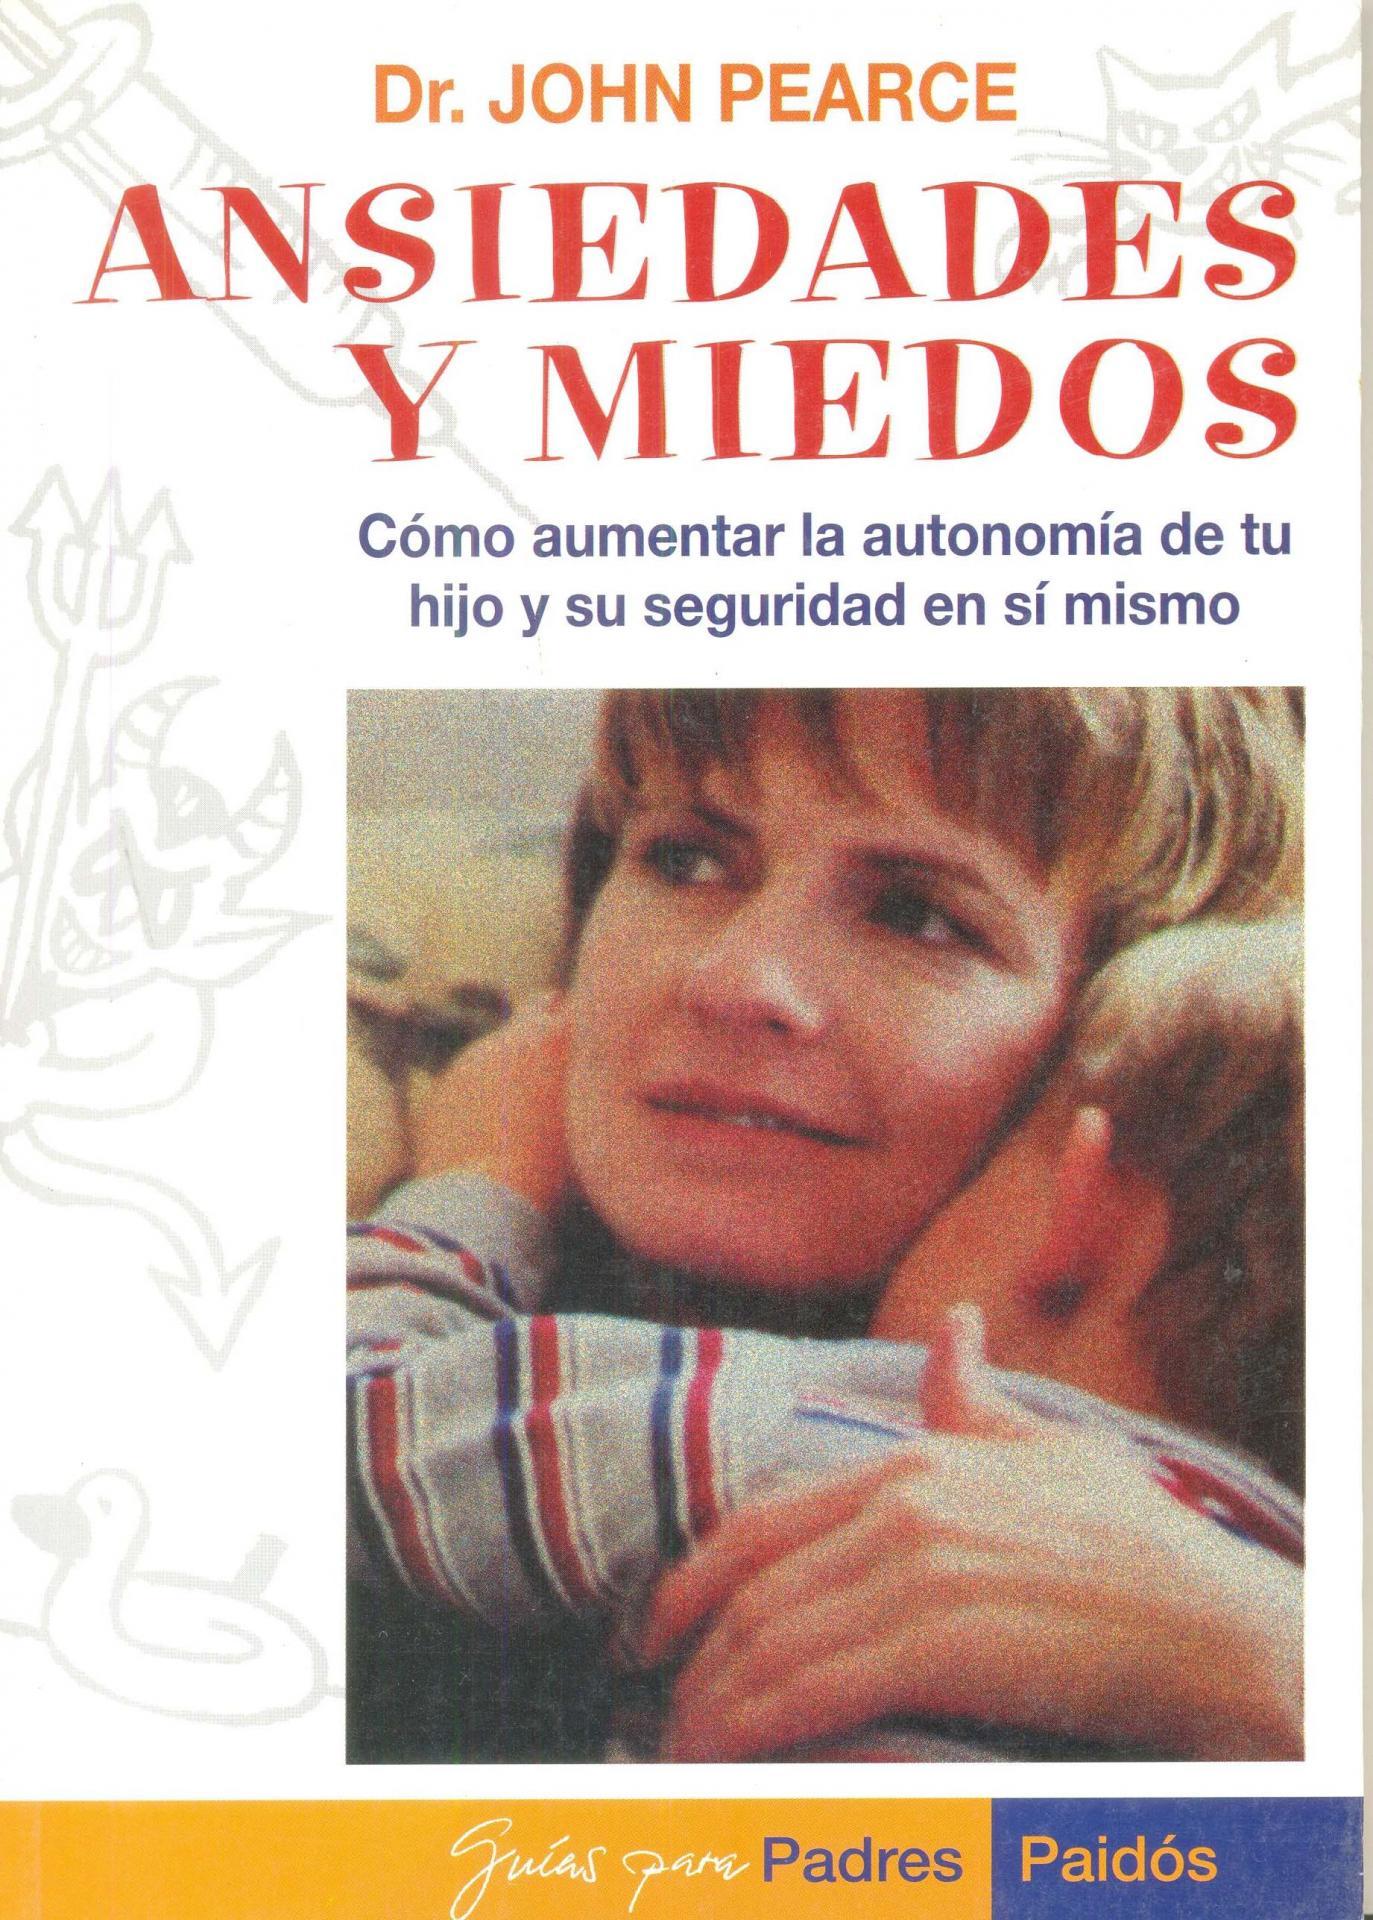 ANSIEDADES Y MIEDOS. Cómo aumentar la autonomía de  tu hijo y la seguridad en sí mismo. Pearce, J.